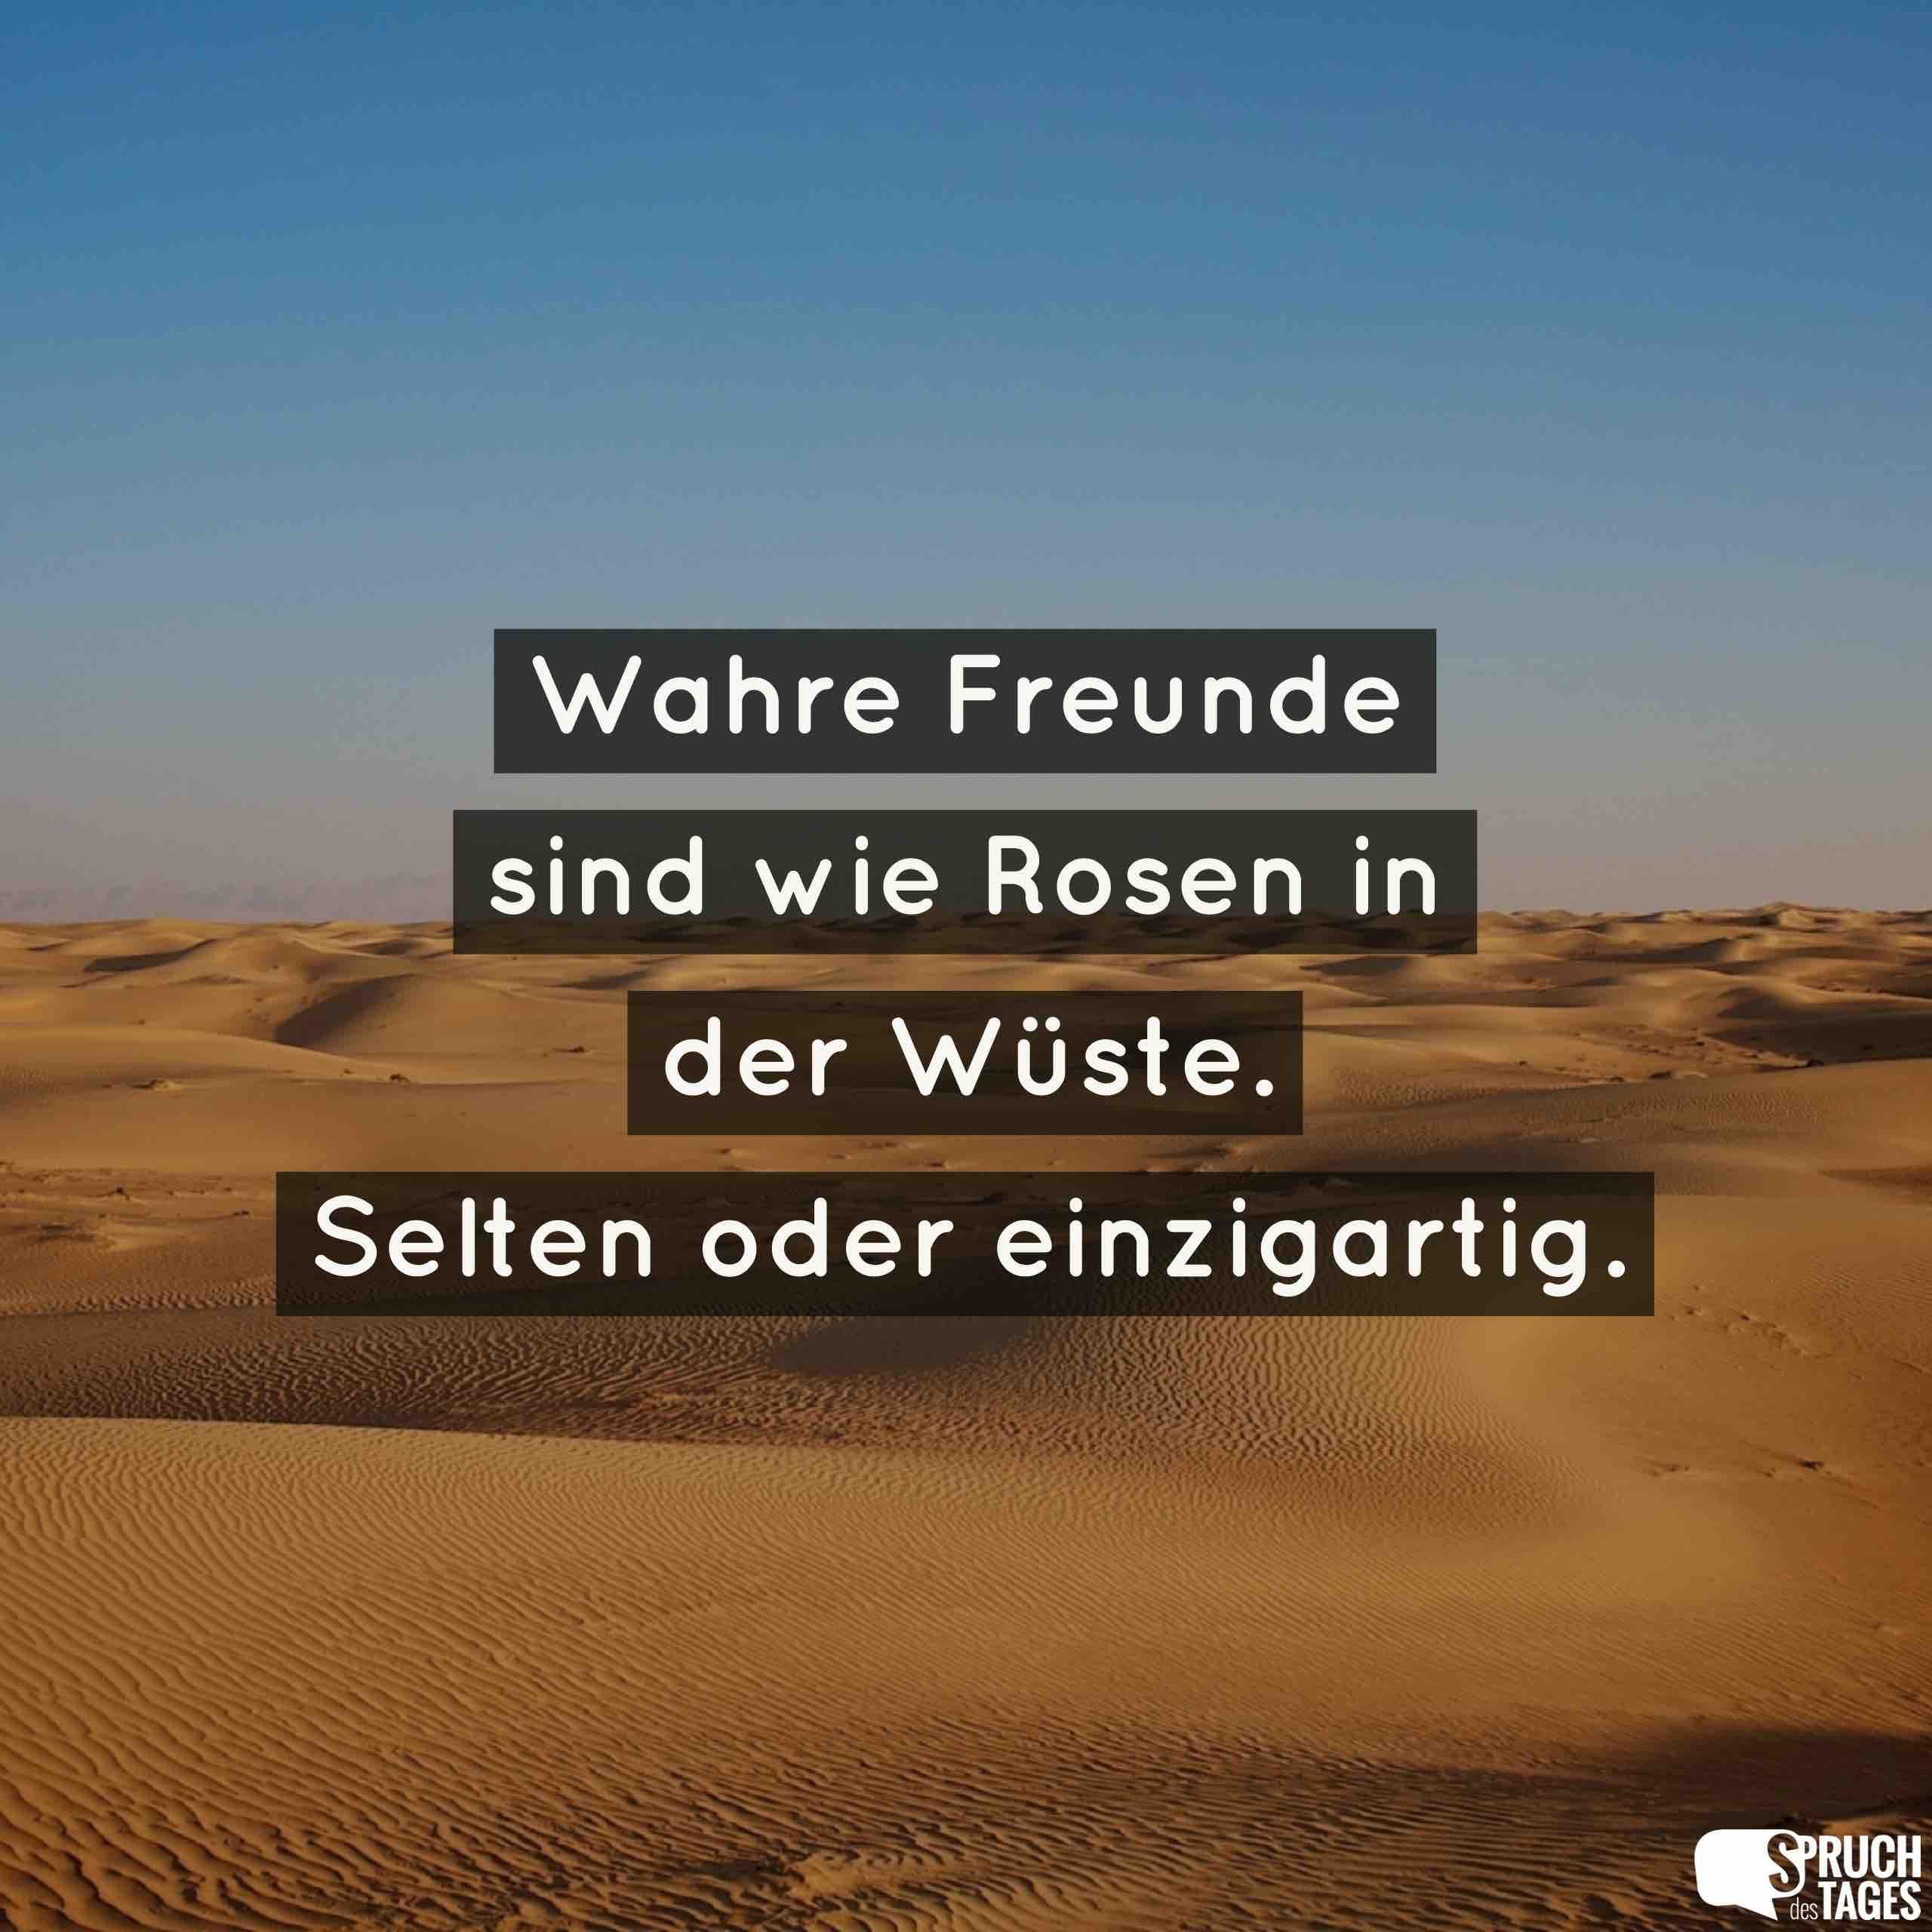 sprüche einzigartig Wahre Freunde sind wie Rosen in der Wüste. Selten oder einzigartig. sprüche einzigartig